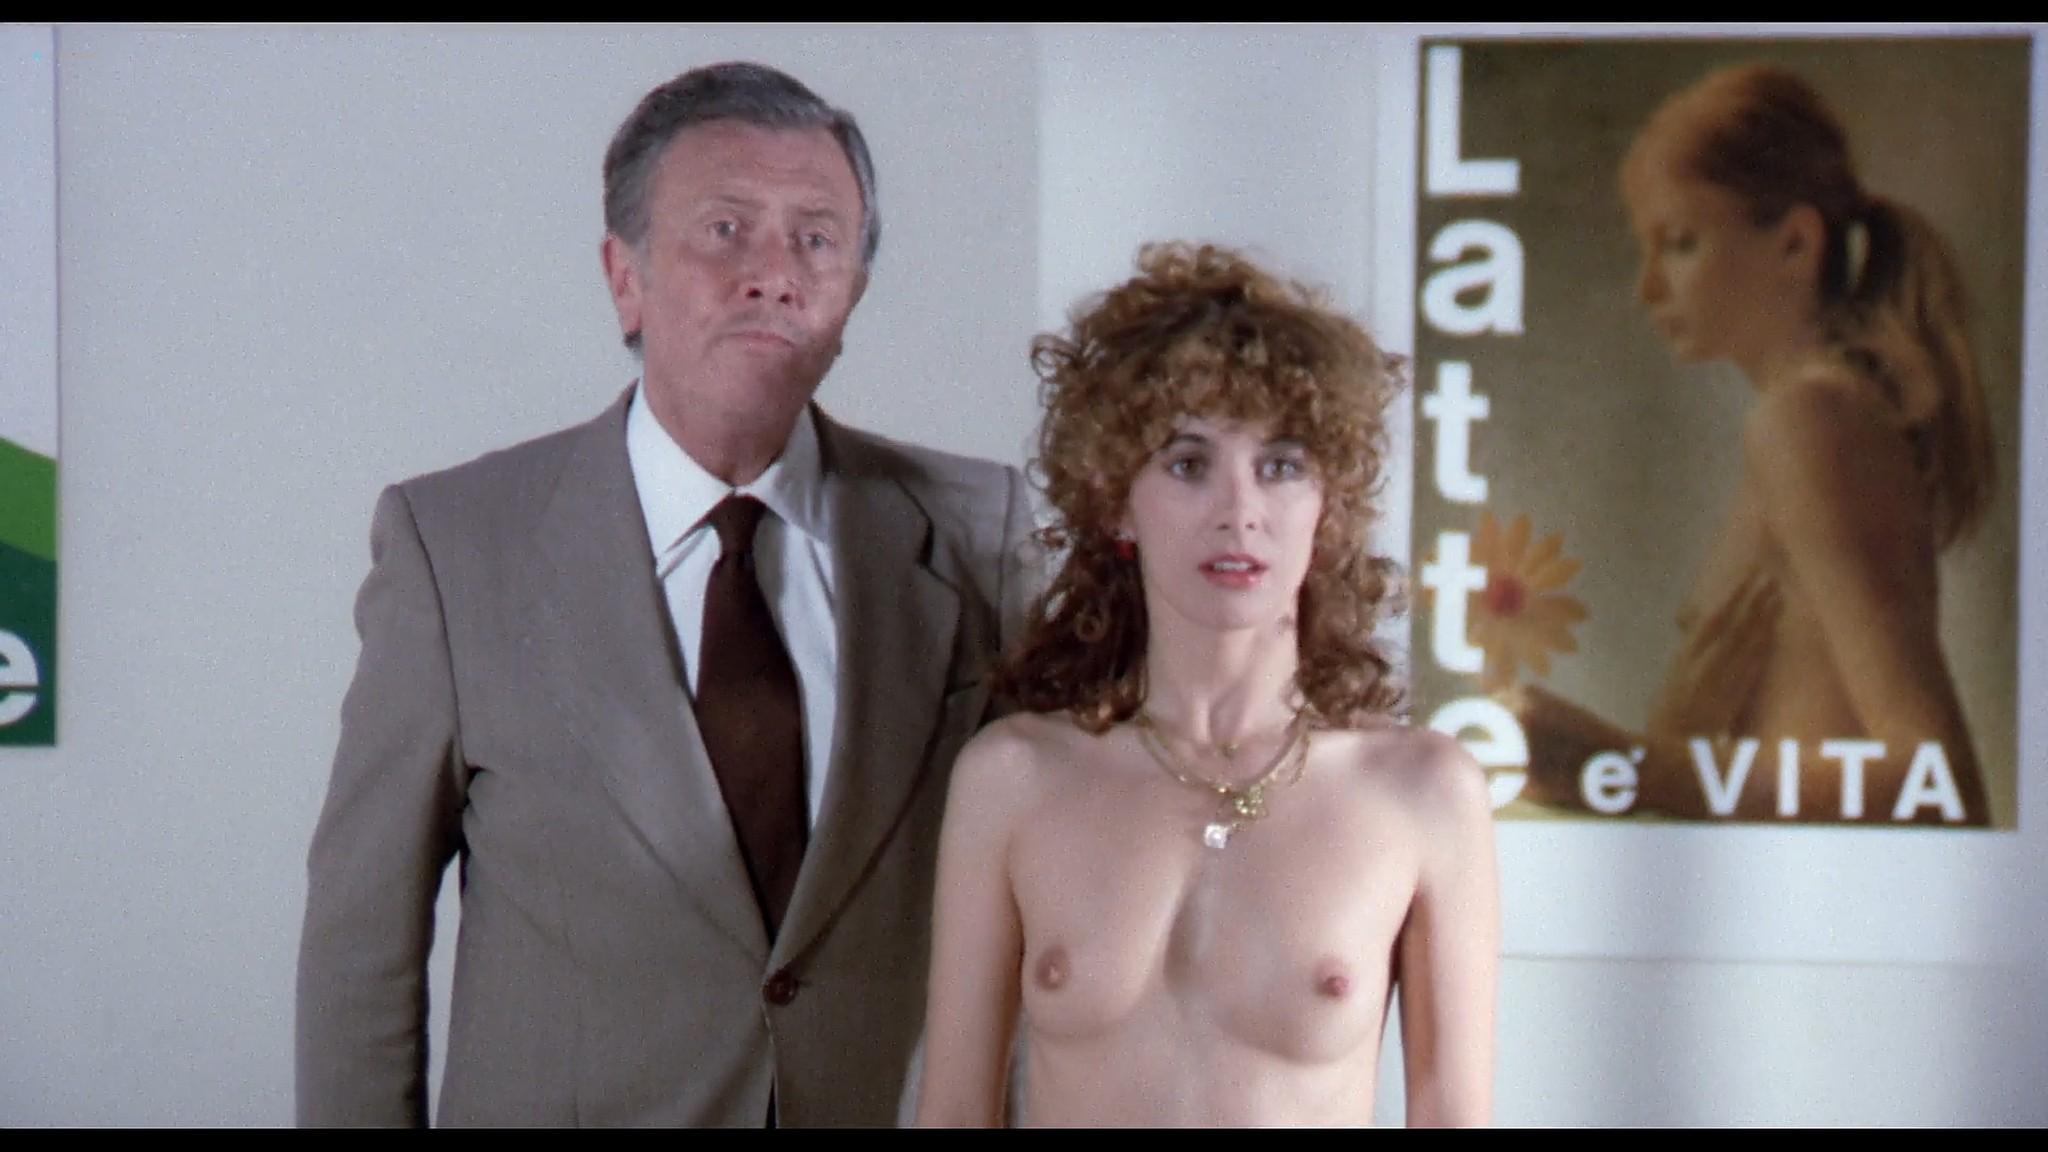 Barbara Bouchet nude bush Stefania Casini and others nude Come perdere una moglie e trovare un amante IT 1978 1080p Web 19